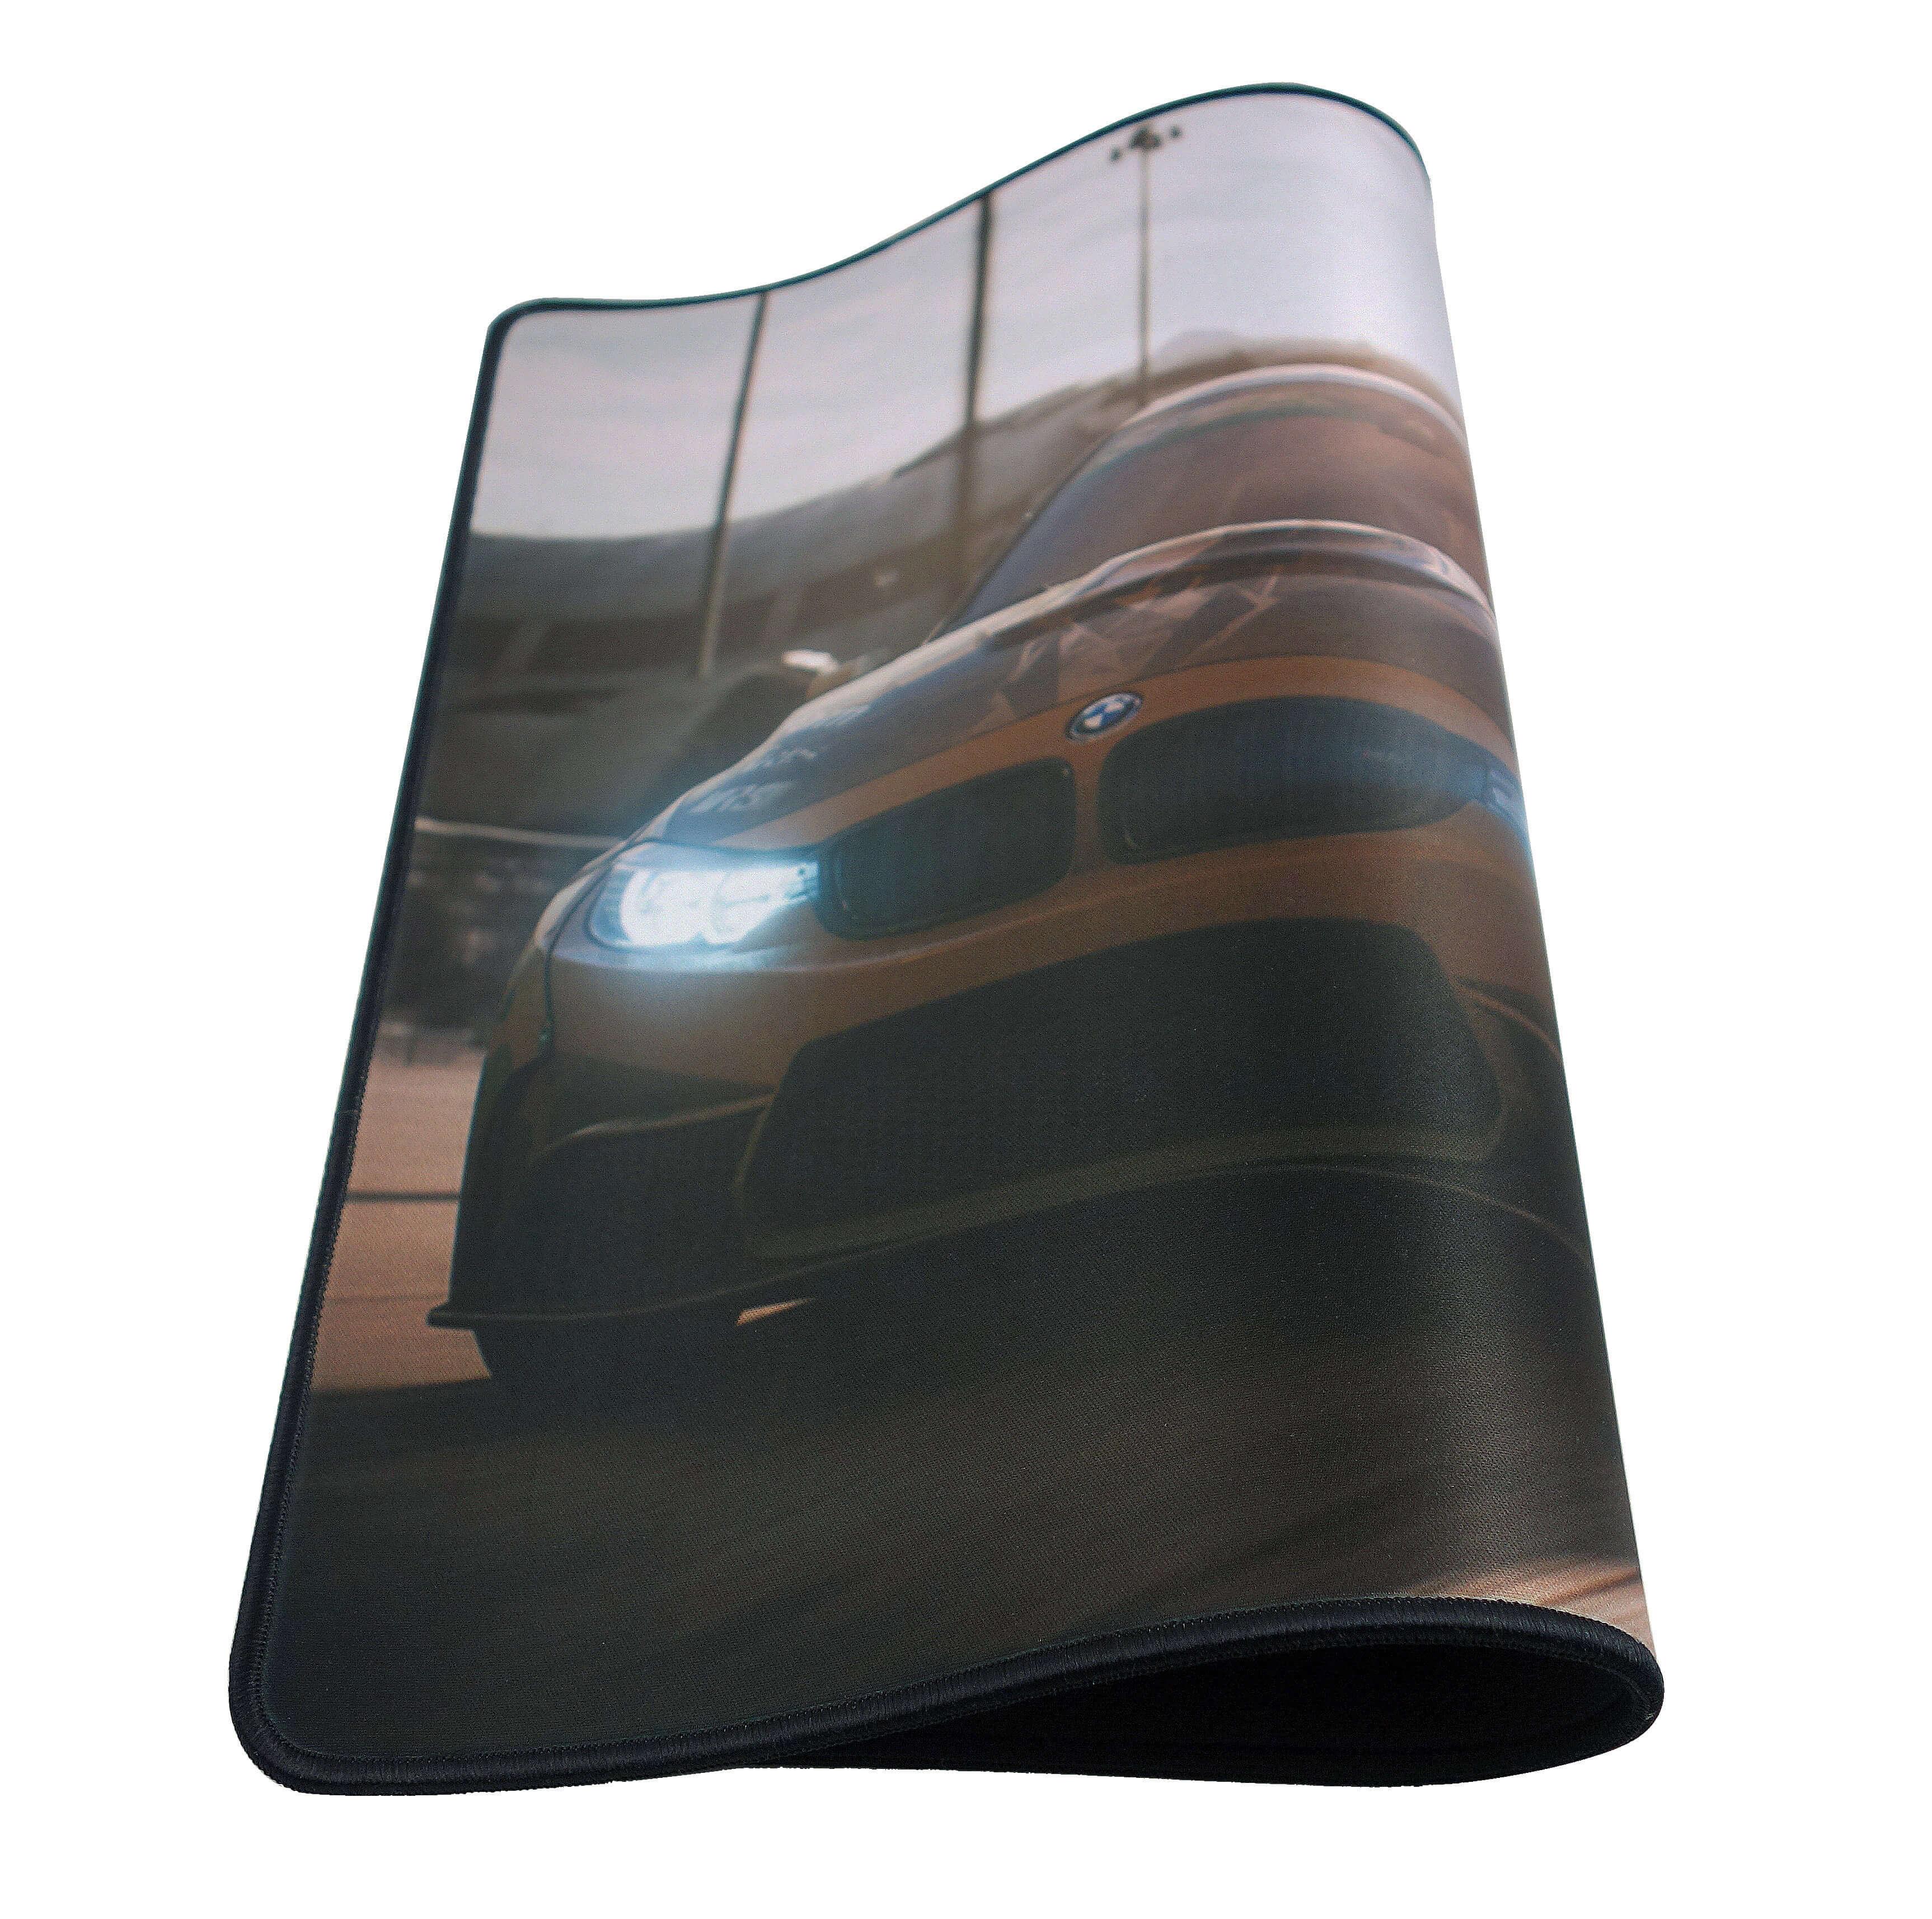 Геймърска подложка за мишка NFS BMW L